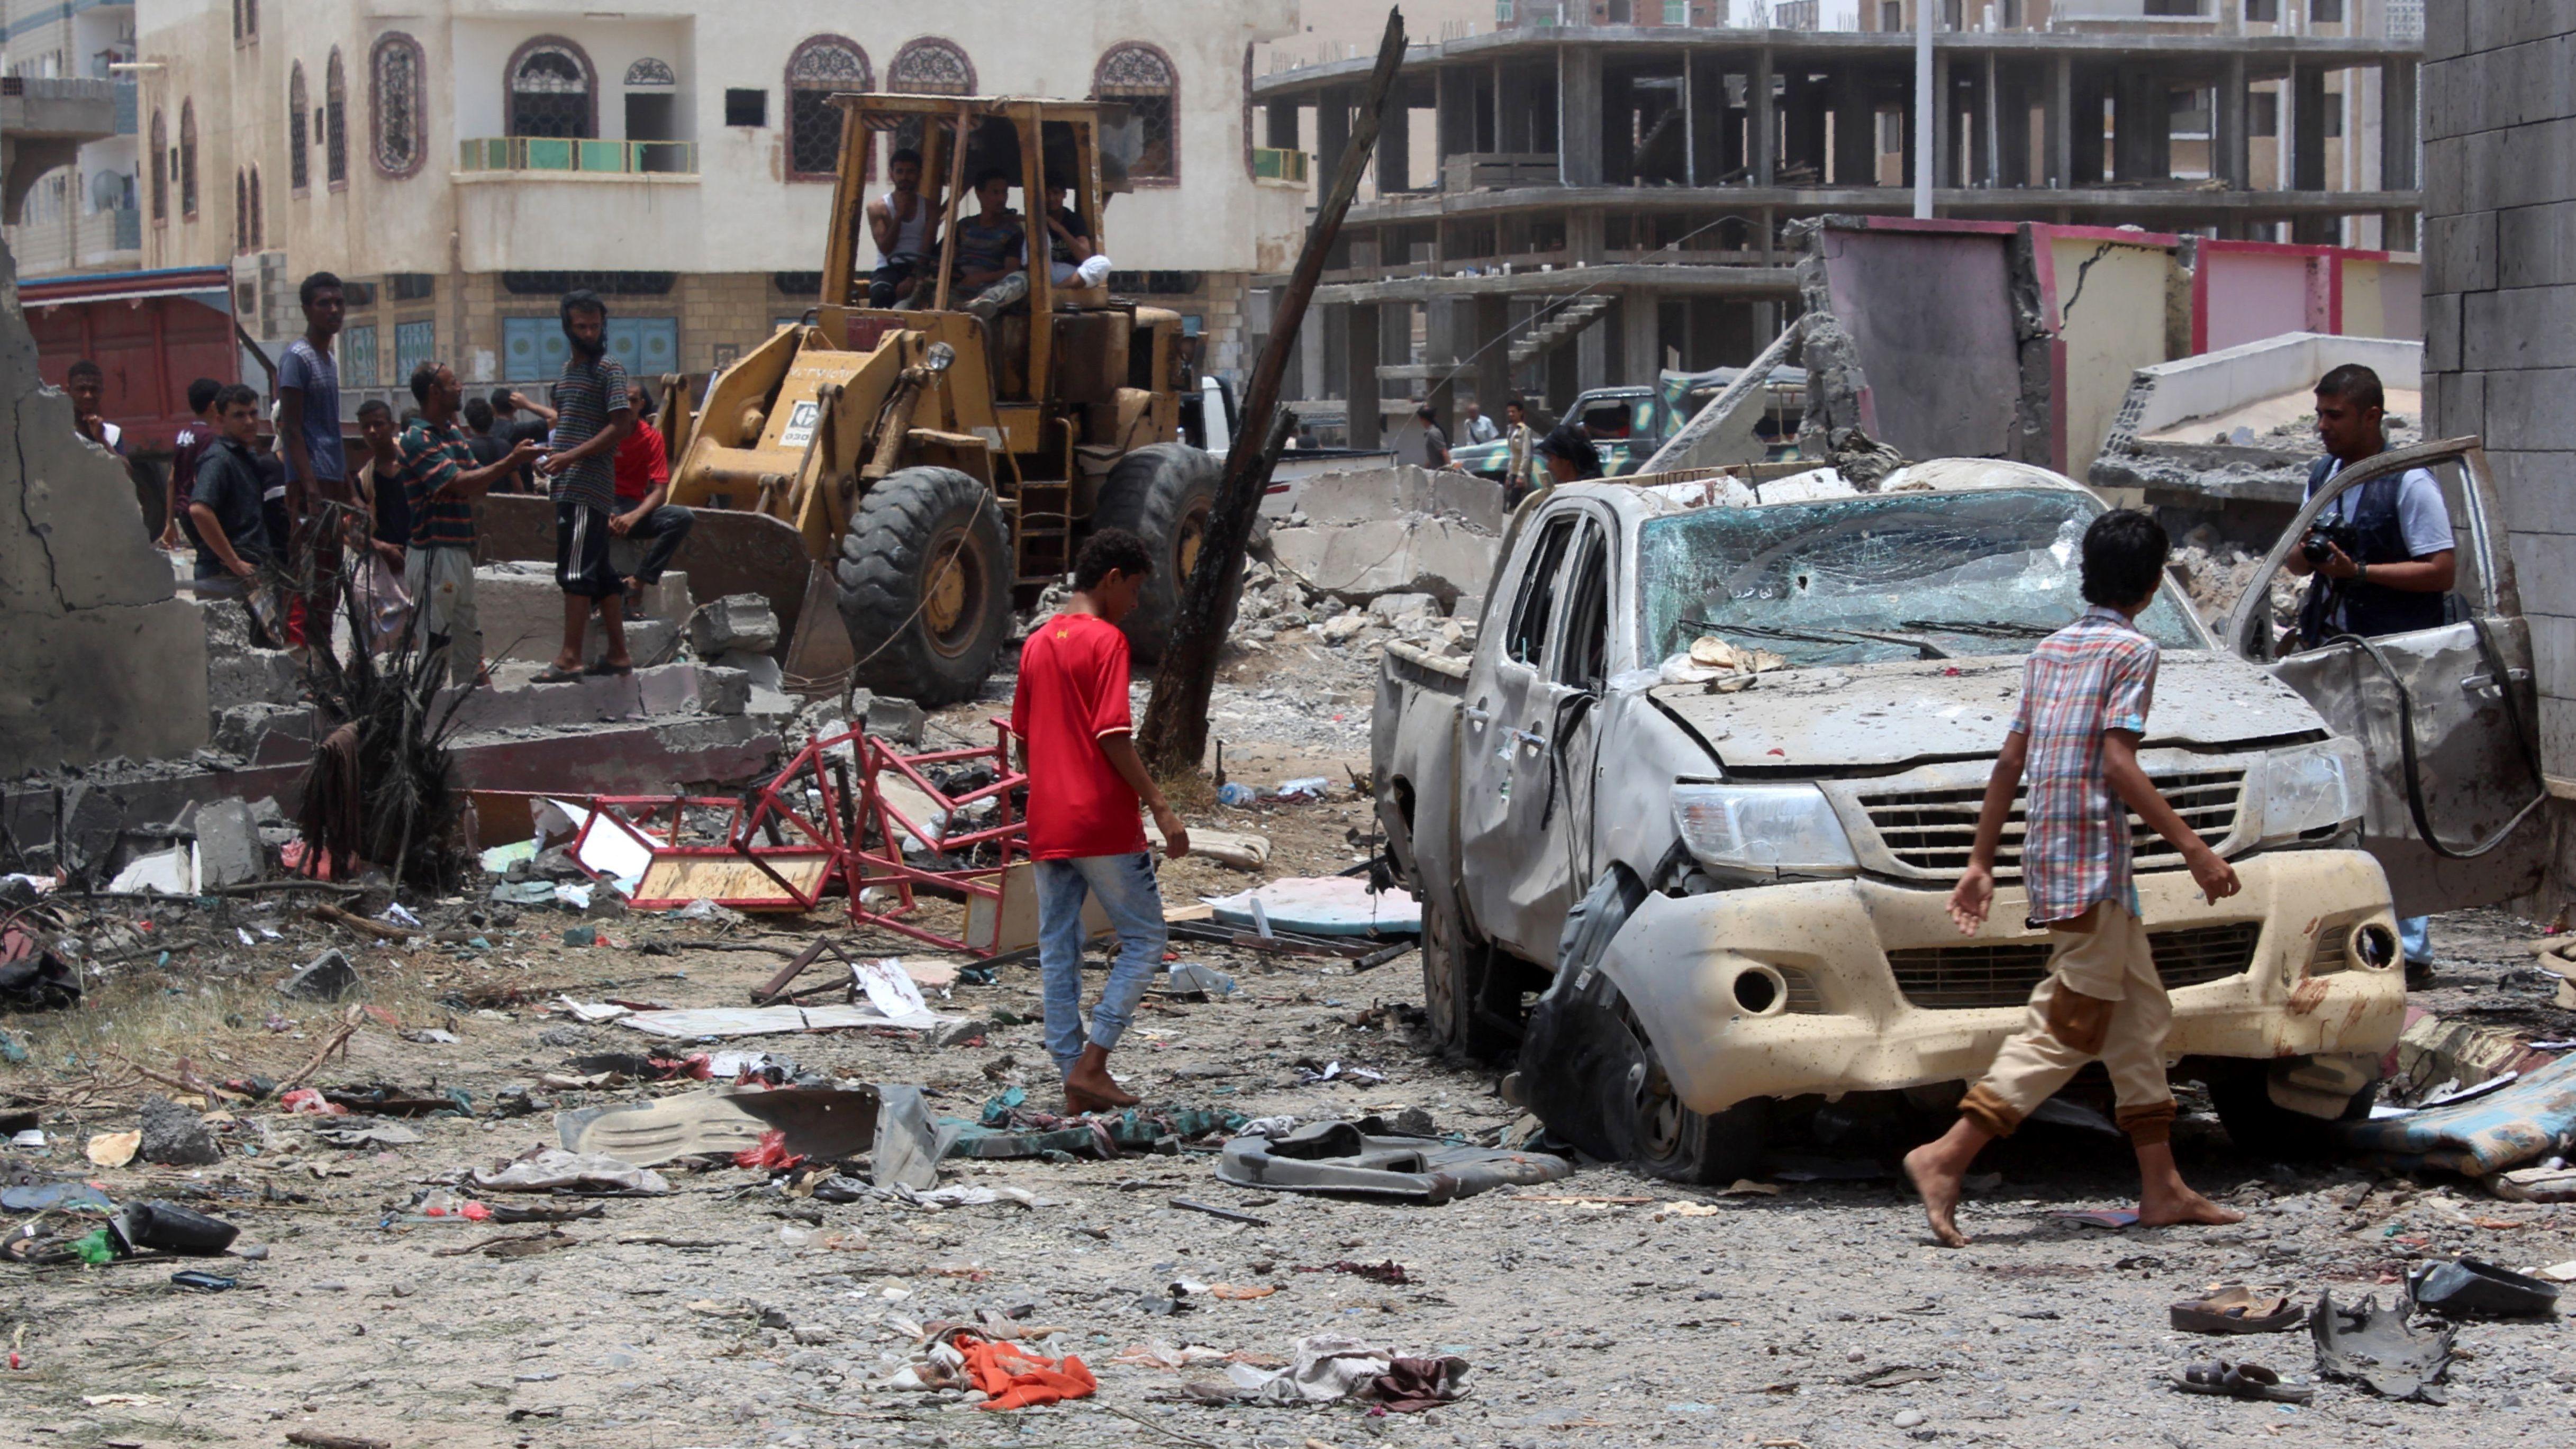 Suicide Bombing In Yemen Kills At Least 45